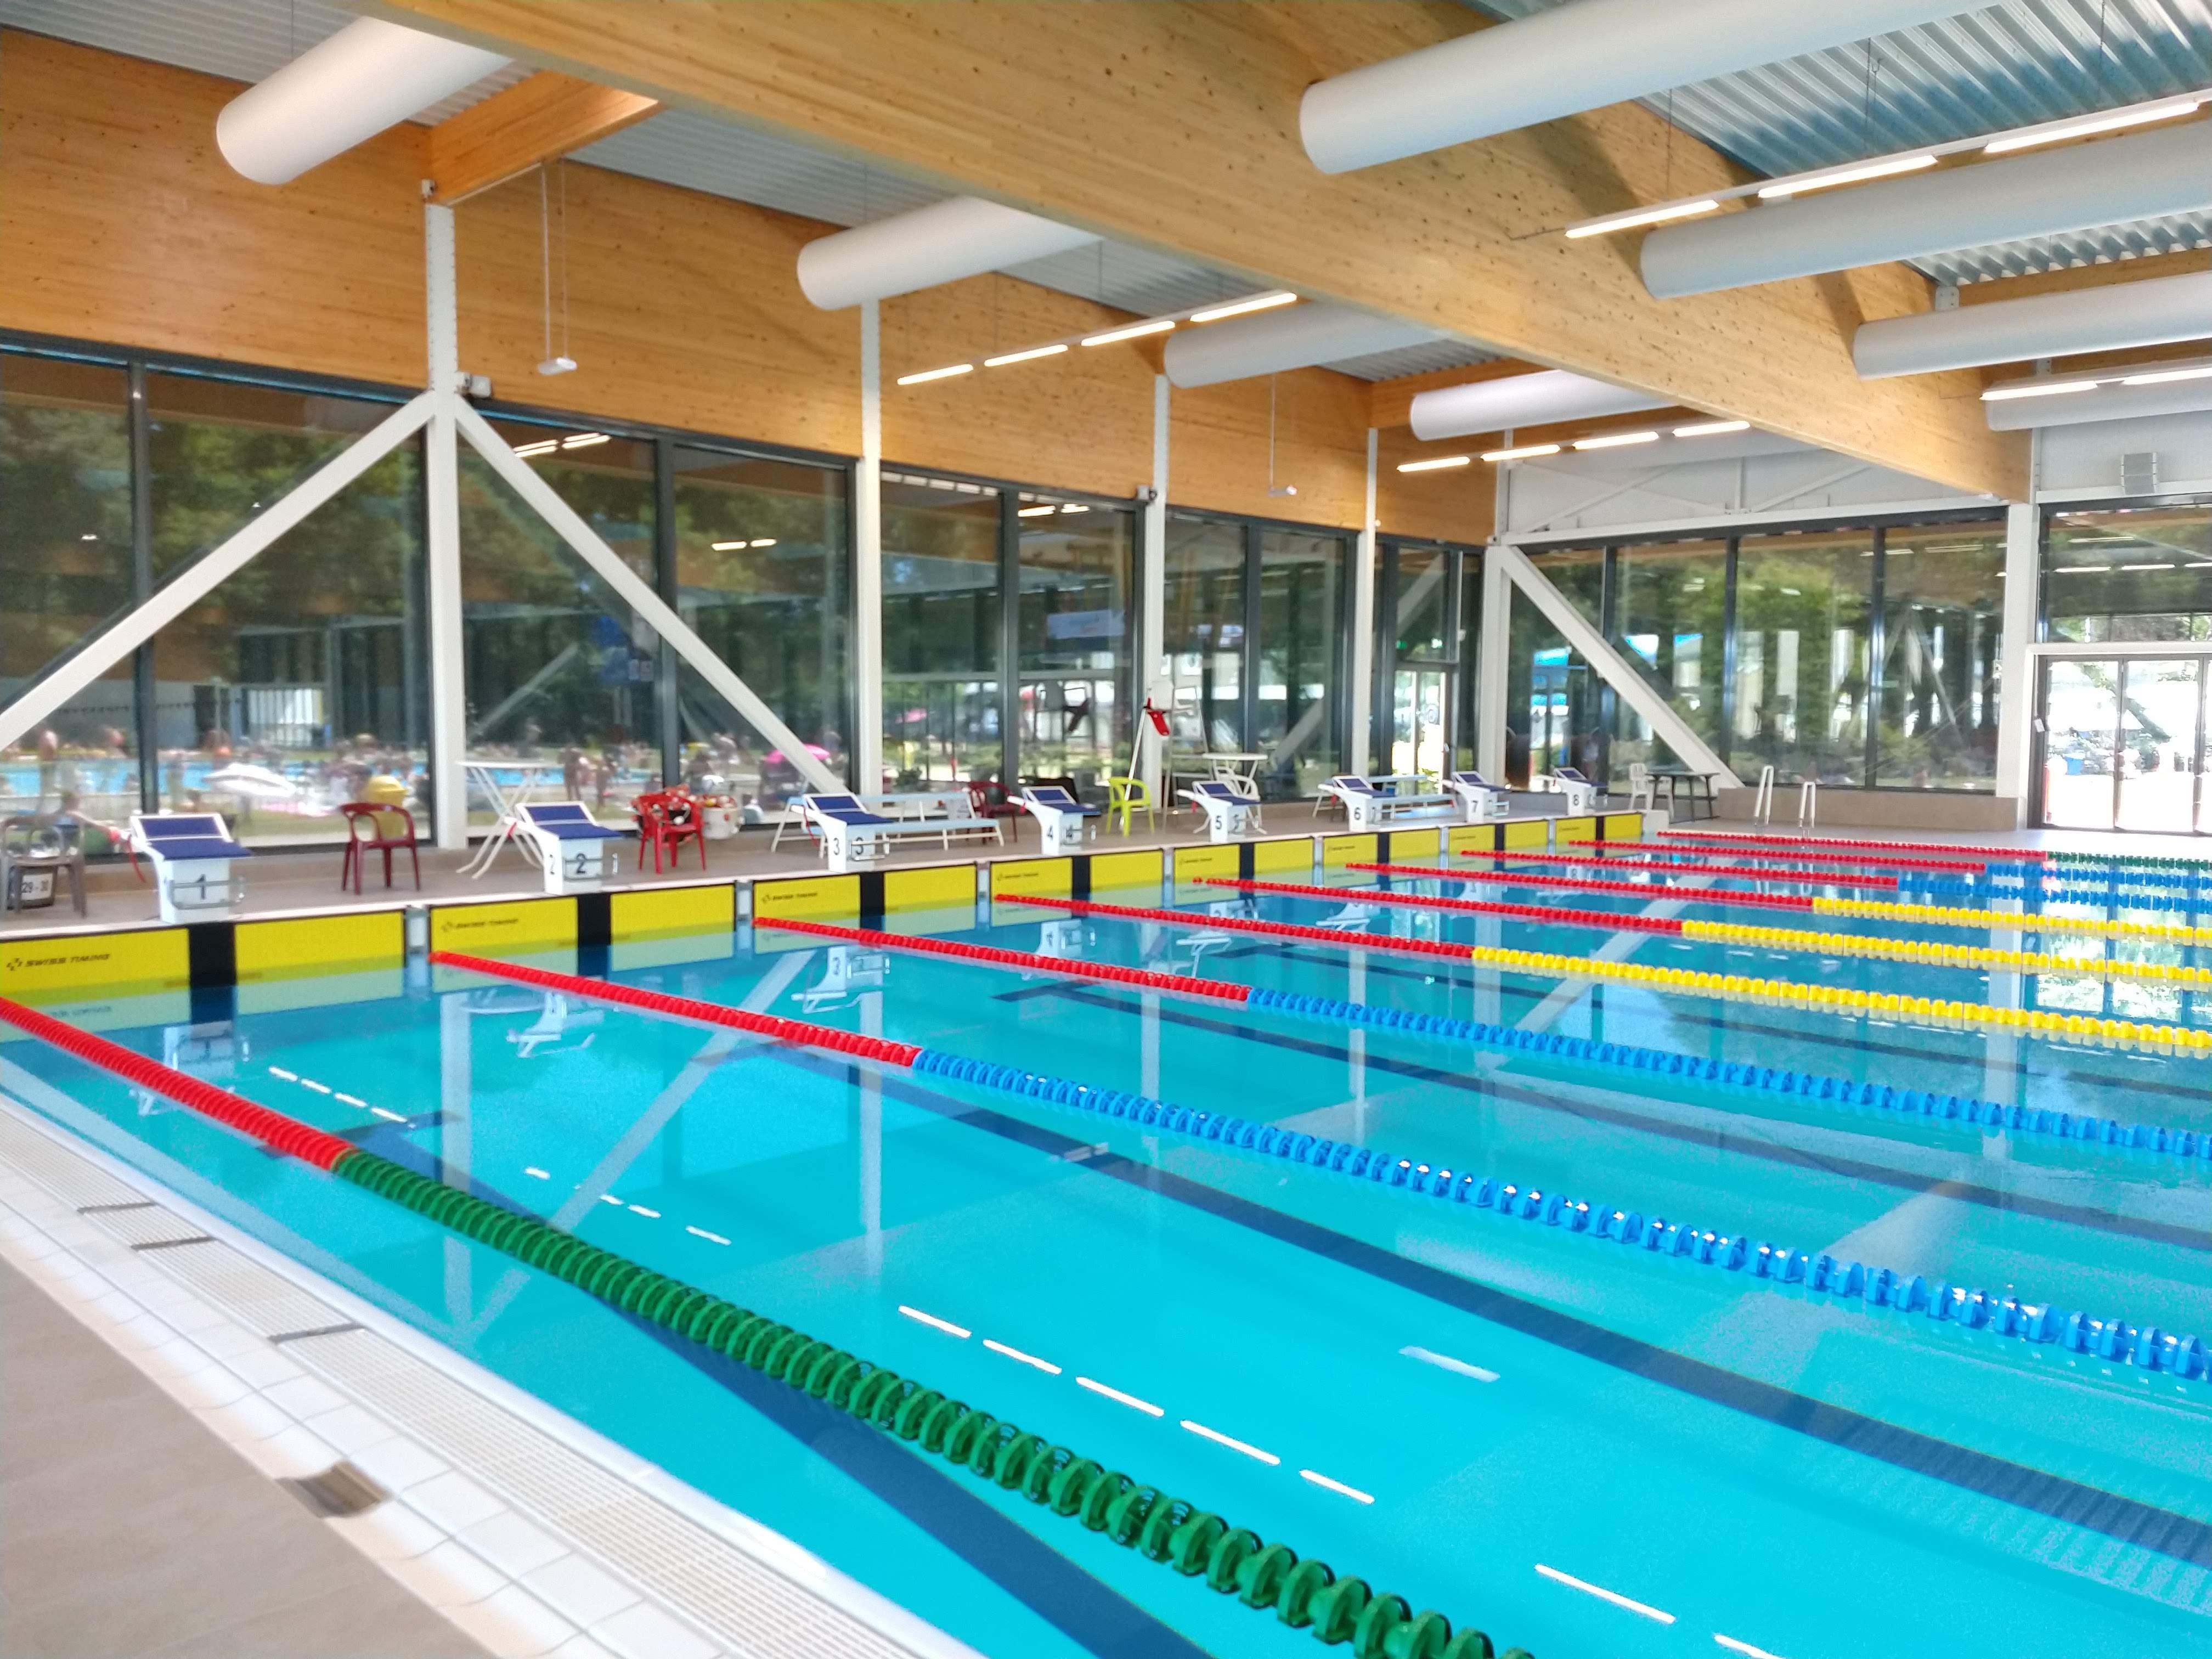 29 juni Sprintwedstrijd in 50 mtr zwembad in Hengelo (O)